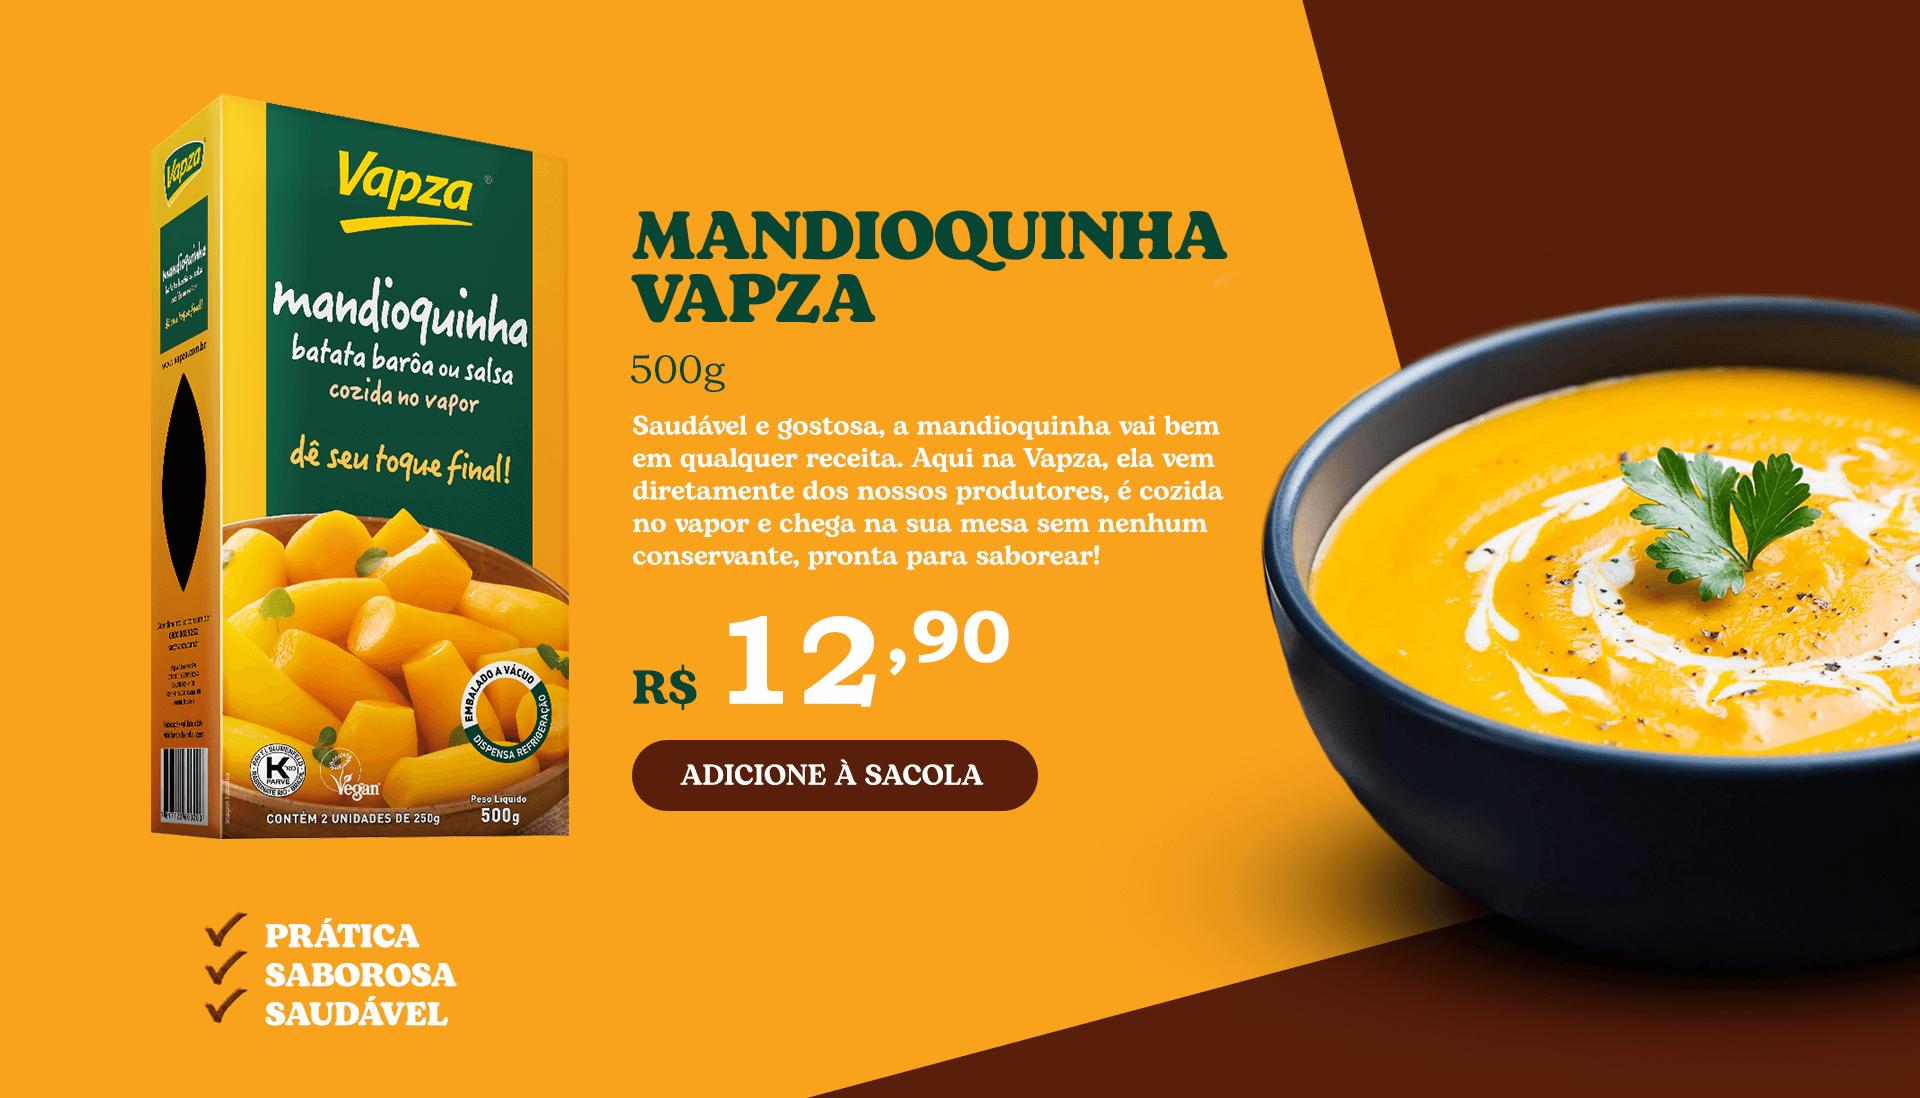 Mandioquinha